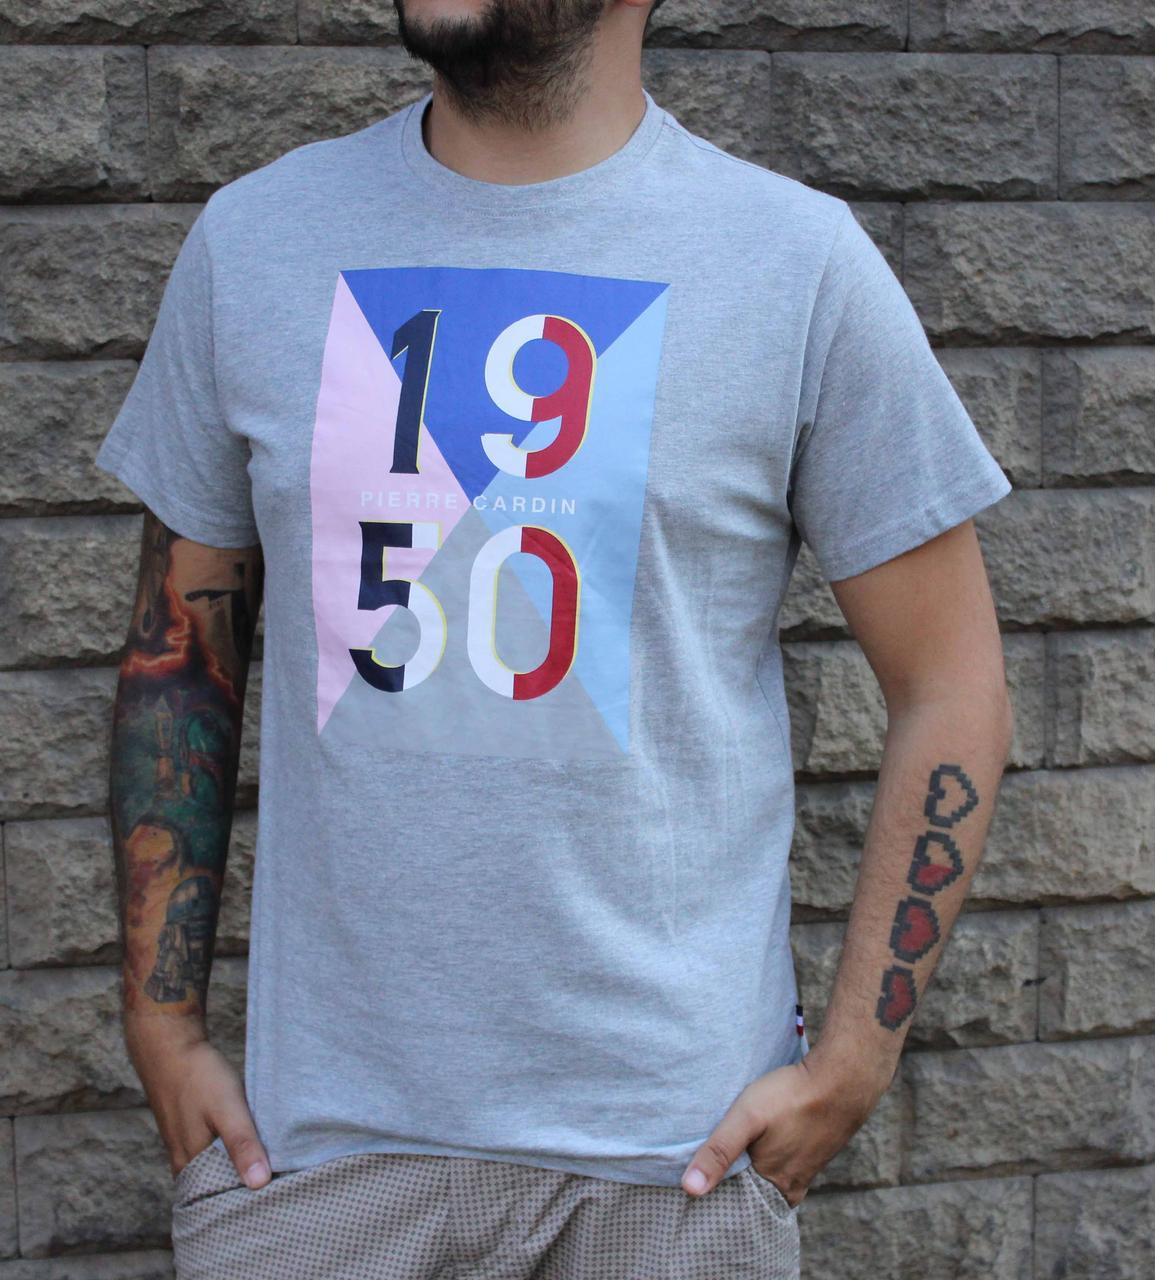 Молодежная серая футболка Pierre Cardin 1950 с принтом оригинал